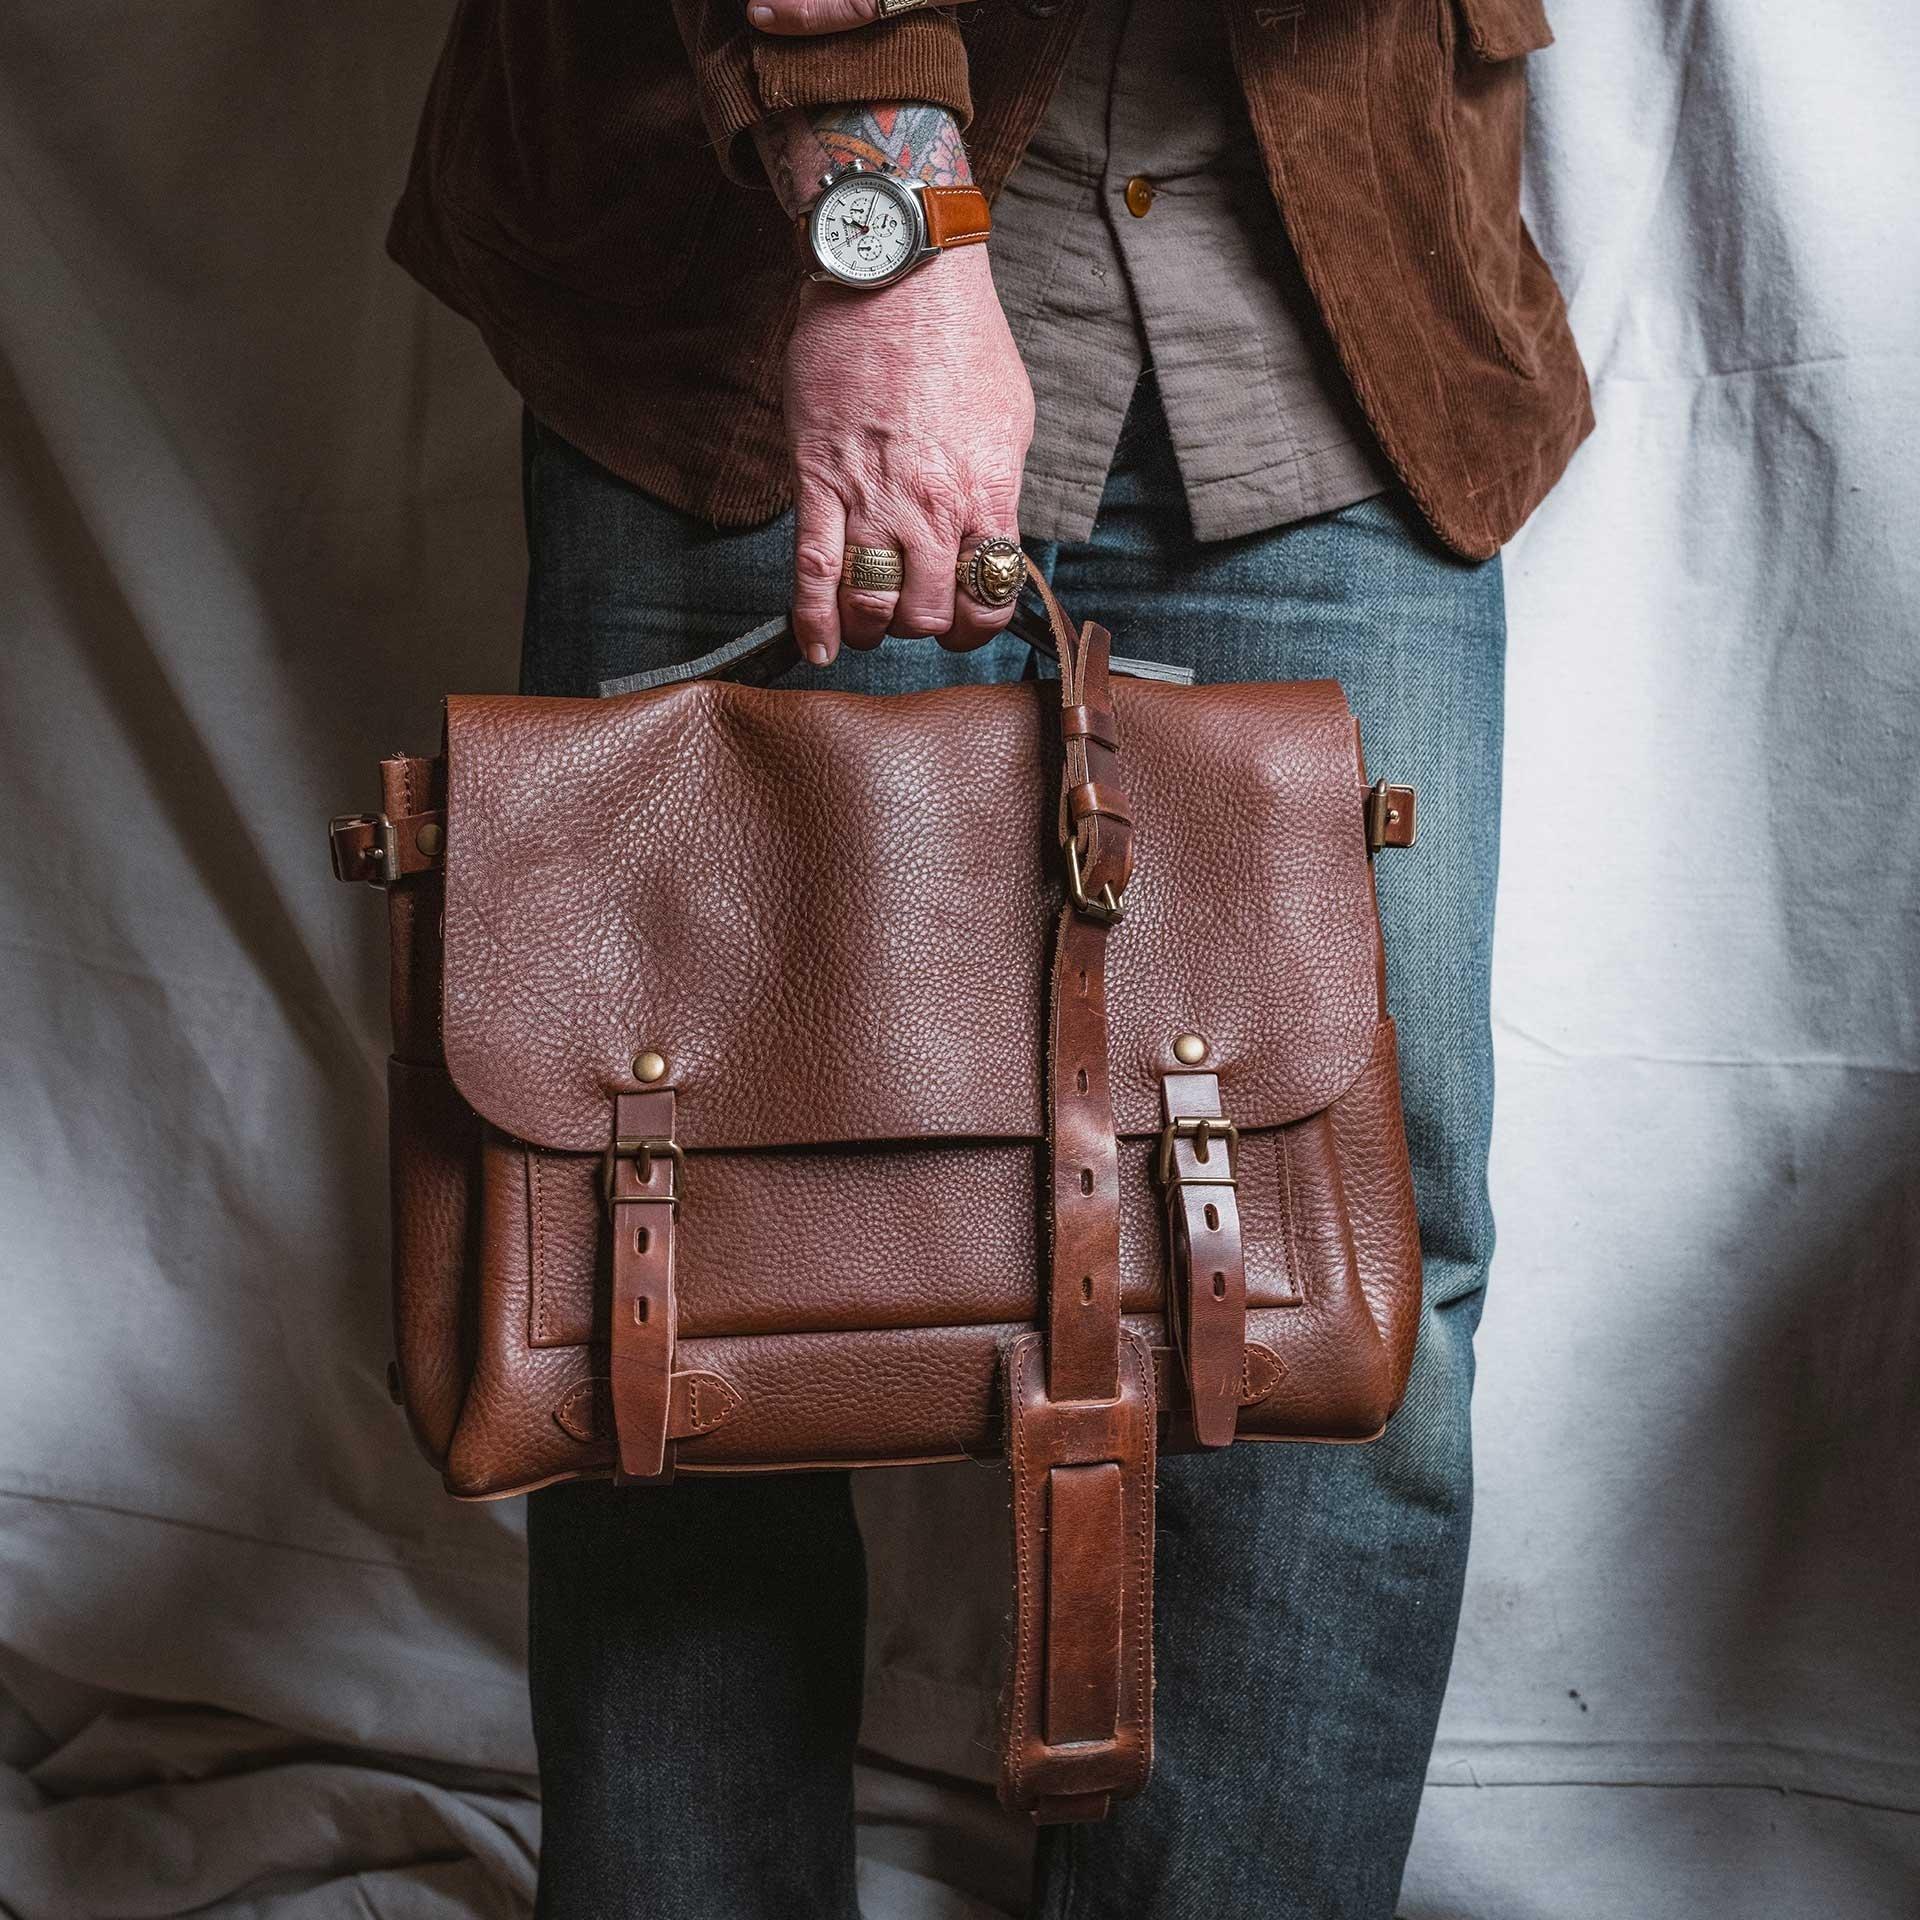 Postman bag Eclair M - Cuba Libre (image n°6)